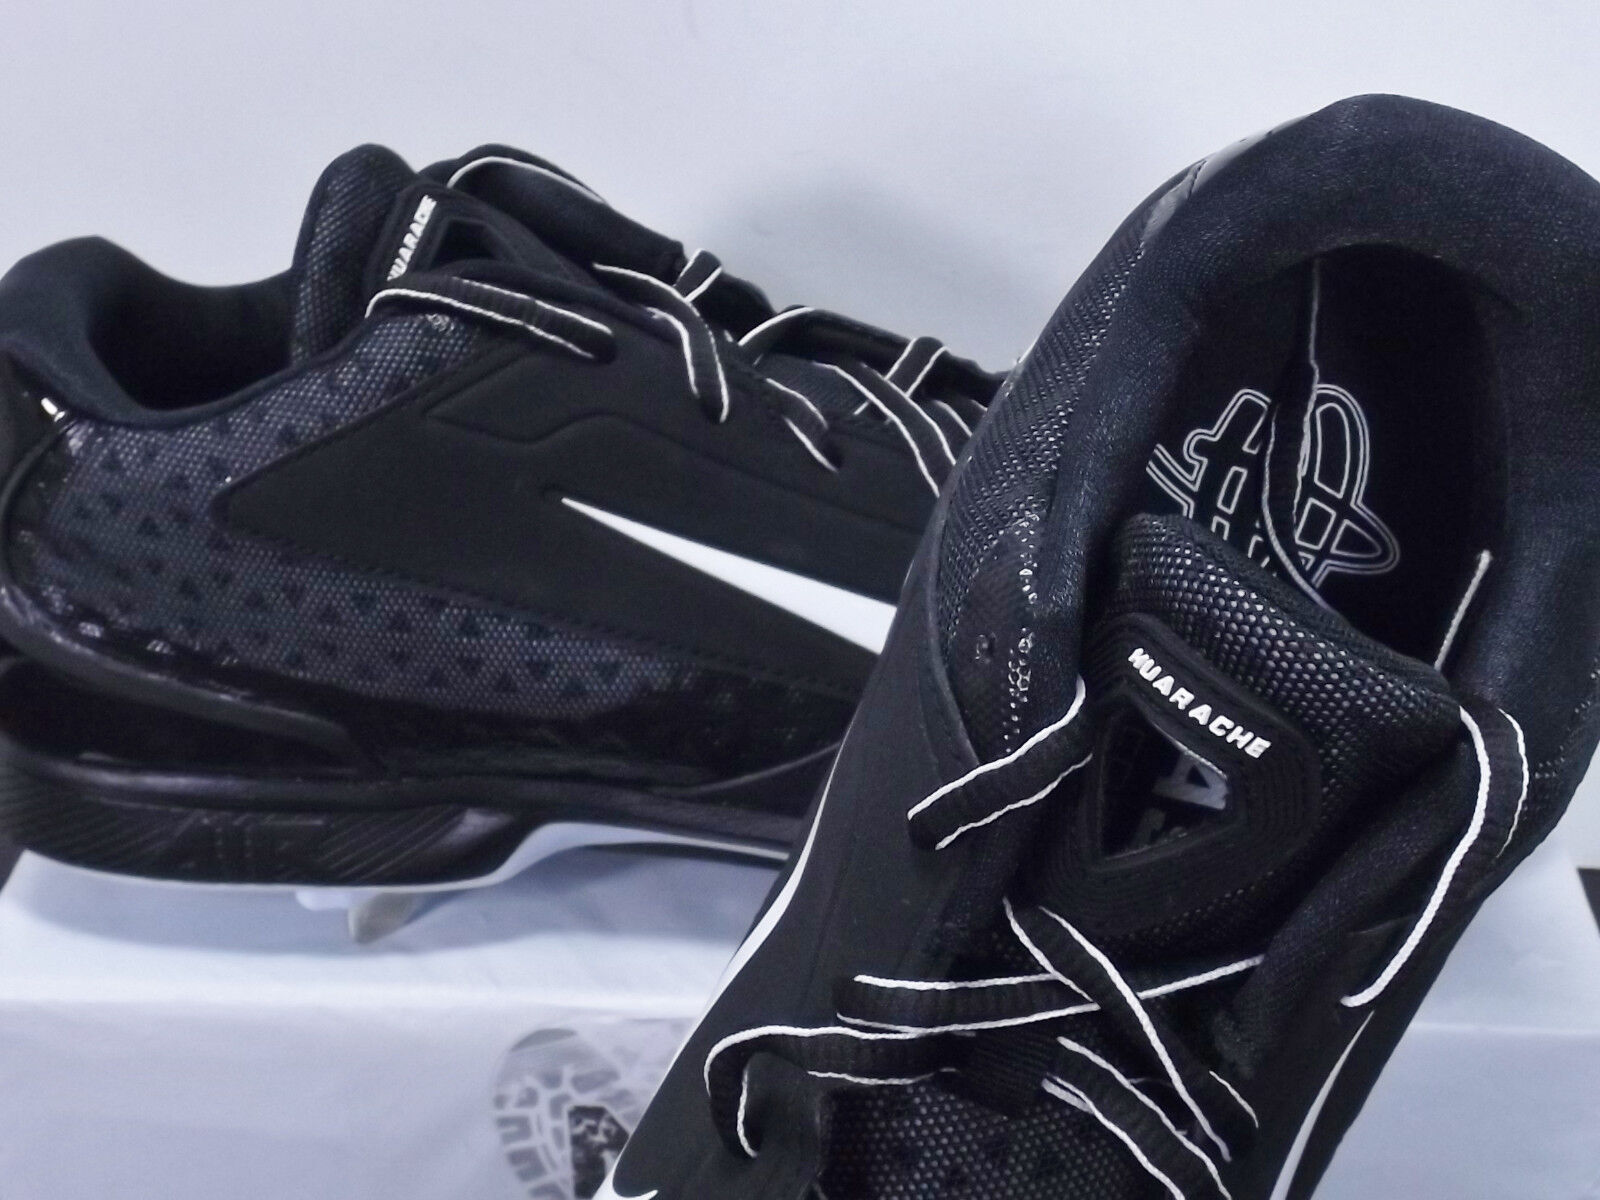 05f65eeb26ff6 ... Nike Air Huarache Pro Low Low Low Metal 599233-001 Men s Size 14 Black   ...